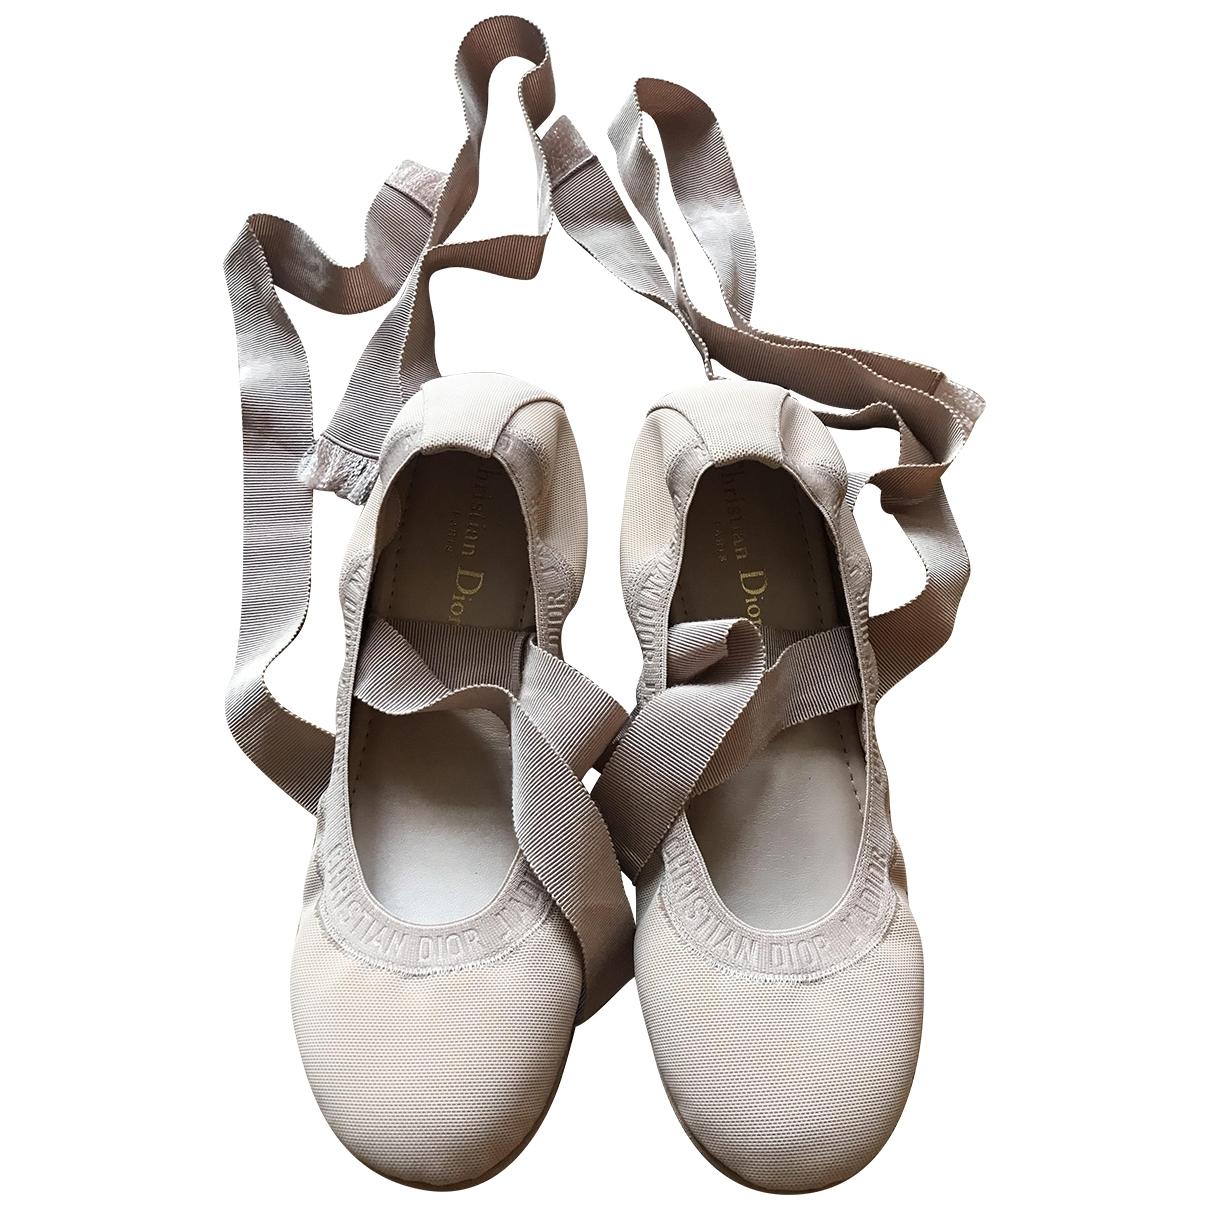 Bailarinas Ballet-D de Lona Dior